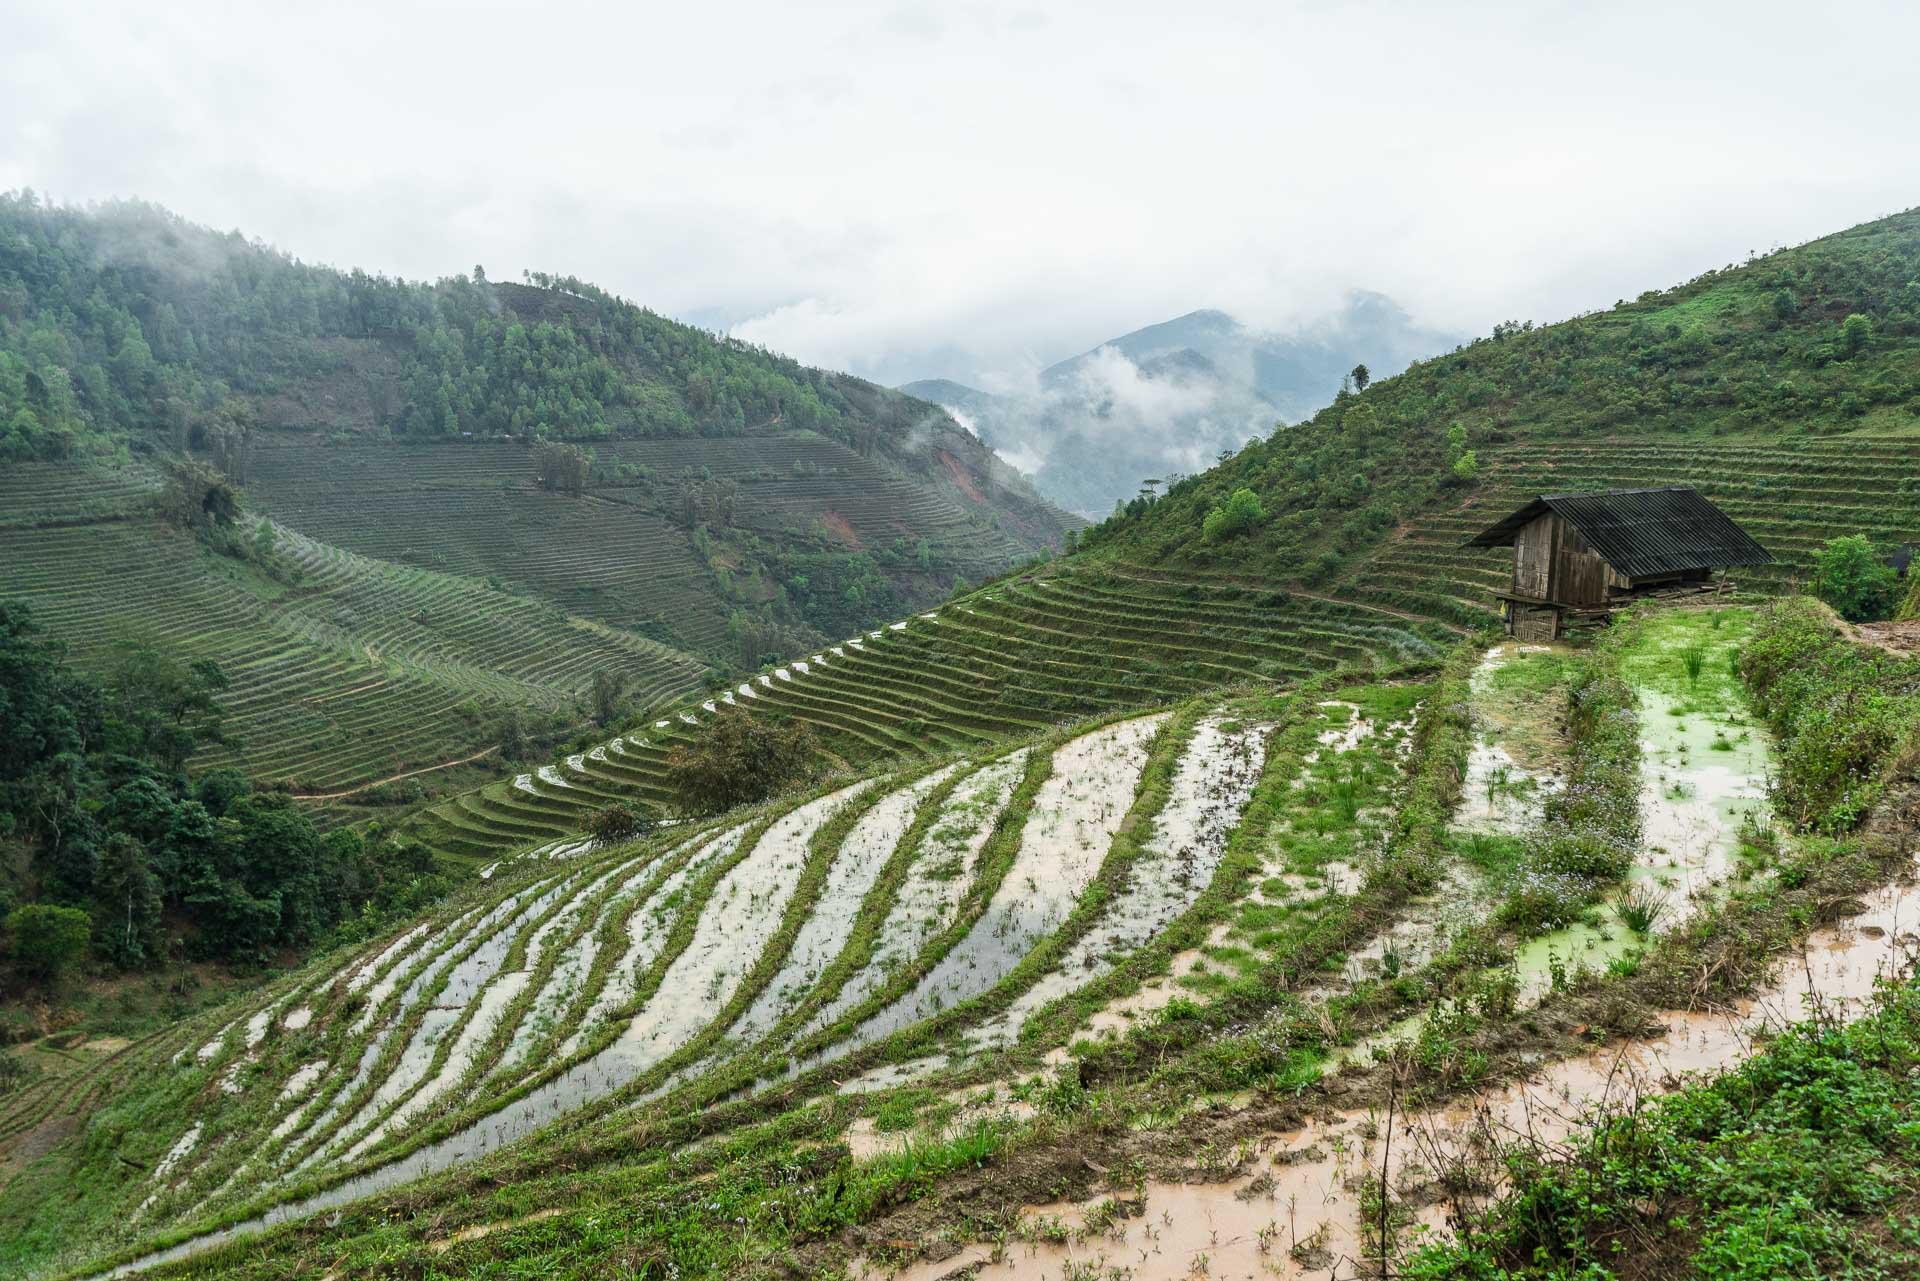 lesvoyageuses-trek-sapa-minorites-ethniques-itineraire-vietnam-38